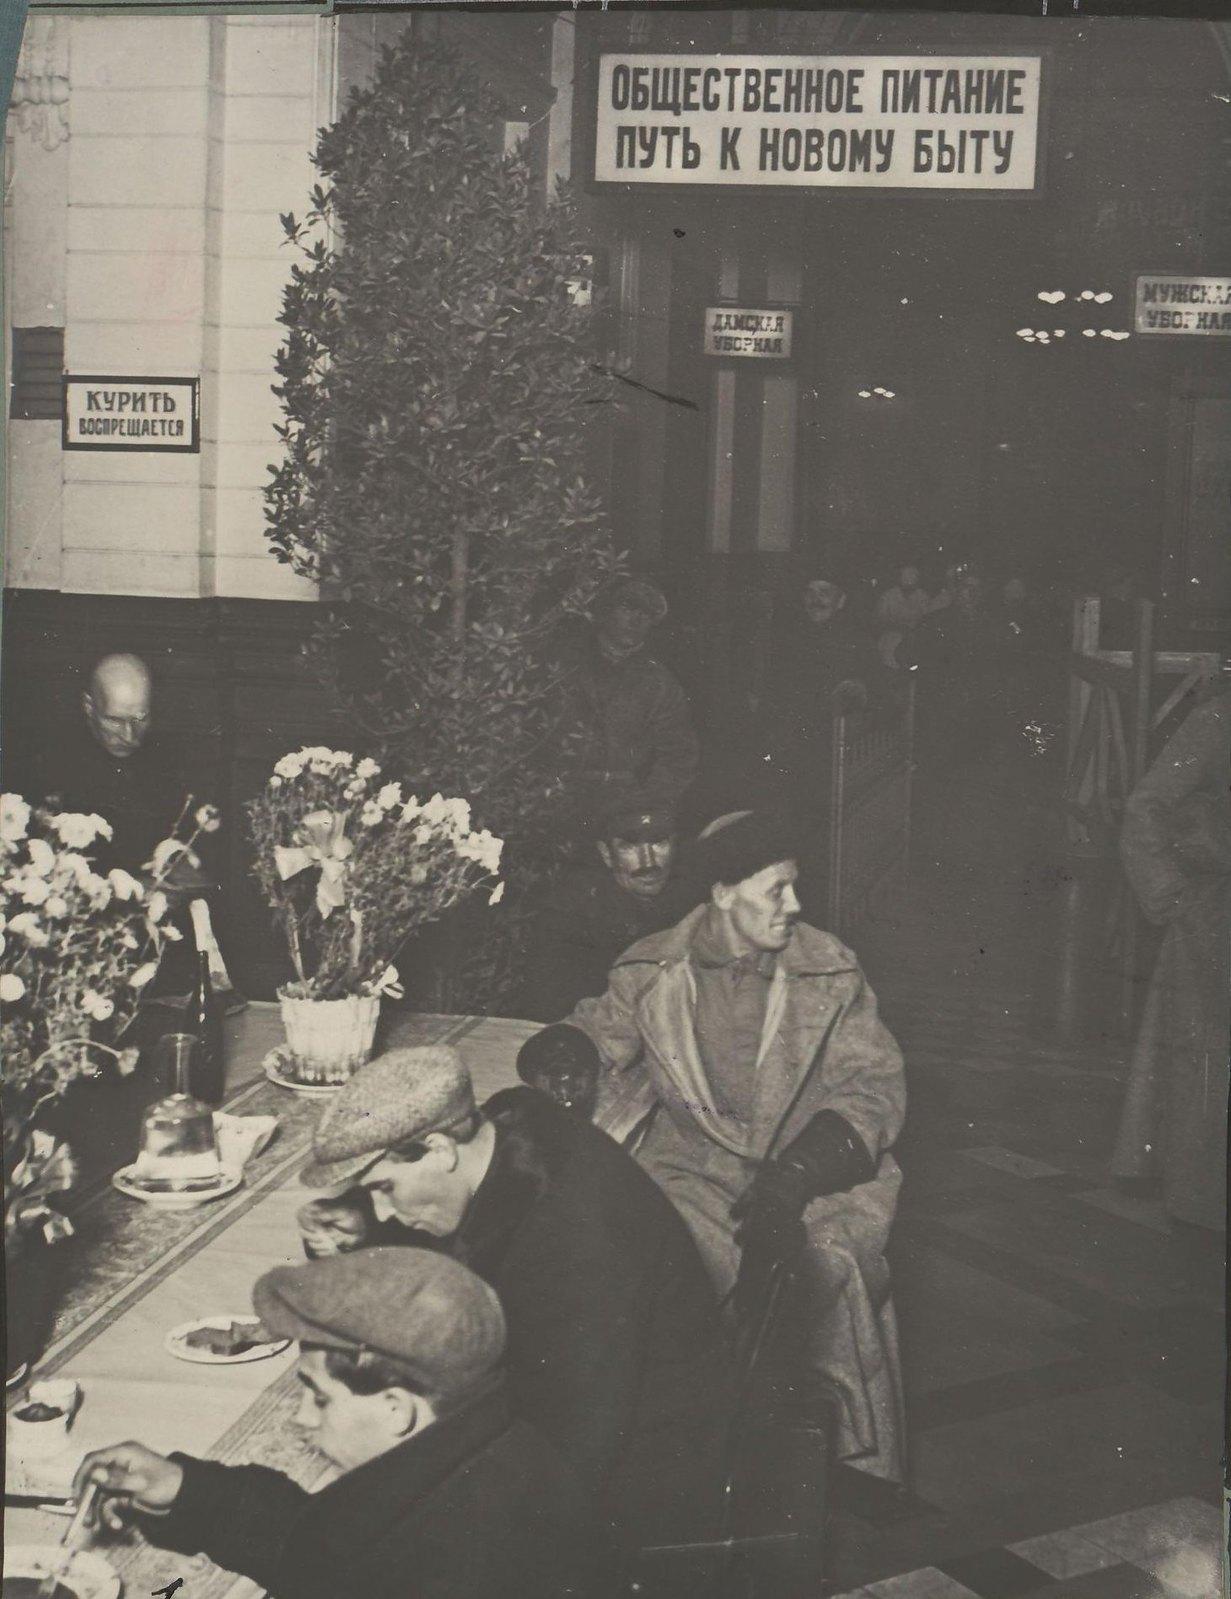 Москва. Курский вокзал. Столовая 1-го класса. Чиста, нарядна, украшена цветами. Однако это только первое впечатление. На самом деле, не всё так хорошо